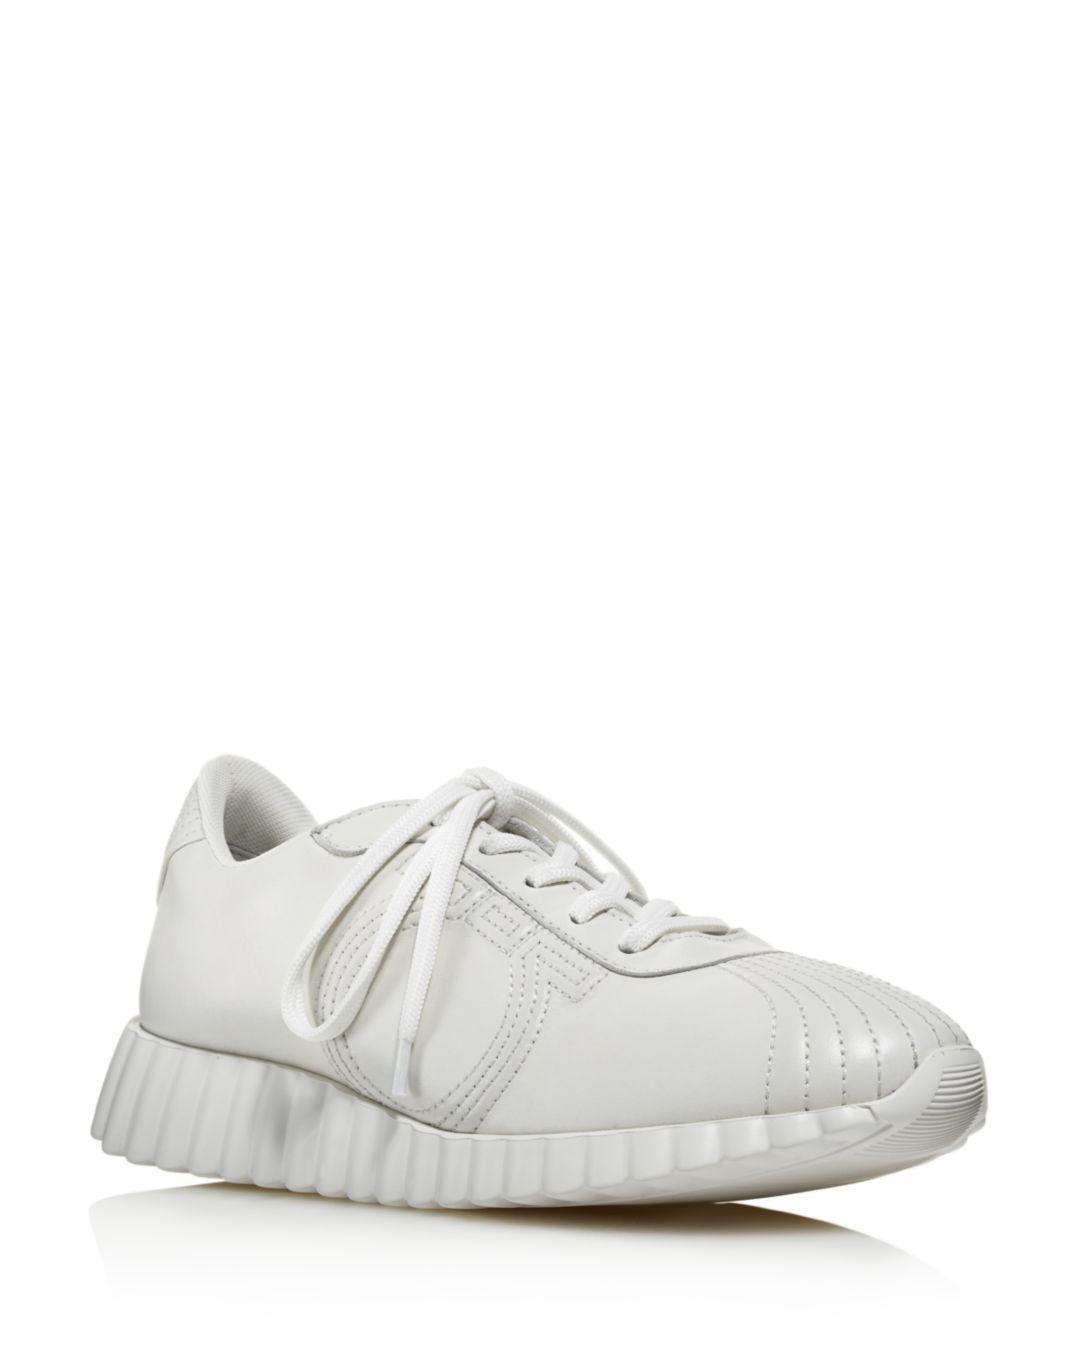 c57fef0c75 Lyst - Ferragamo Women s Gancini Leather Low-top Sneakers in White